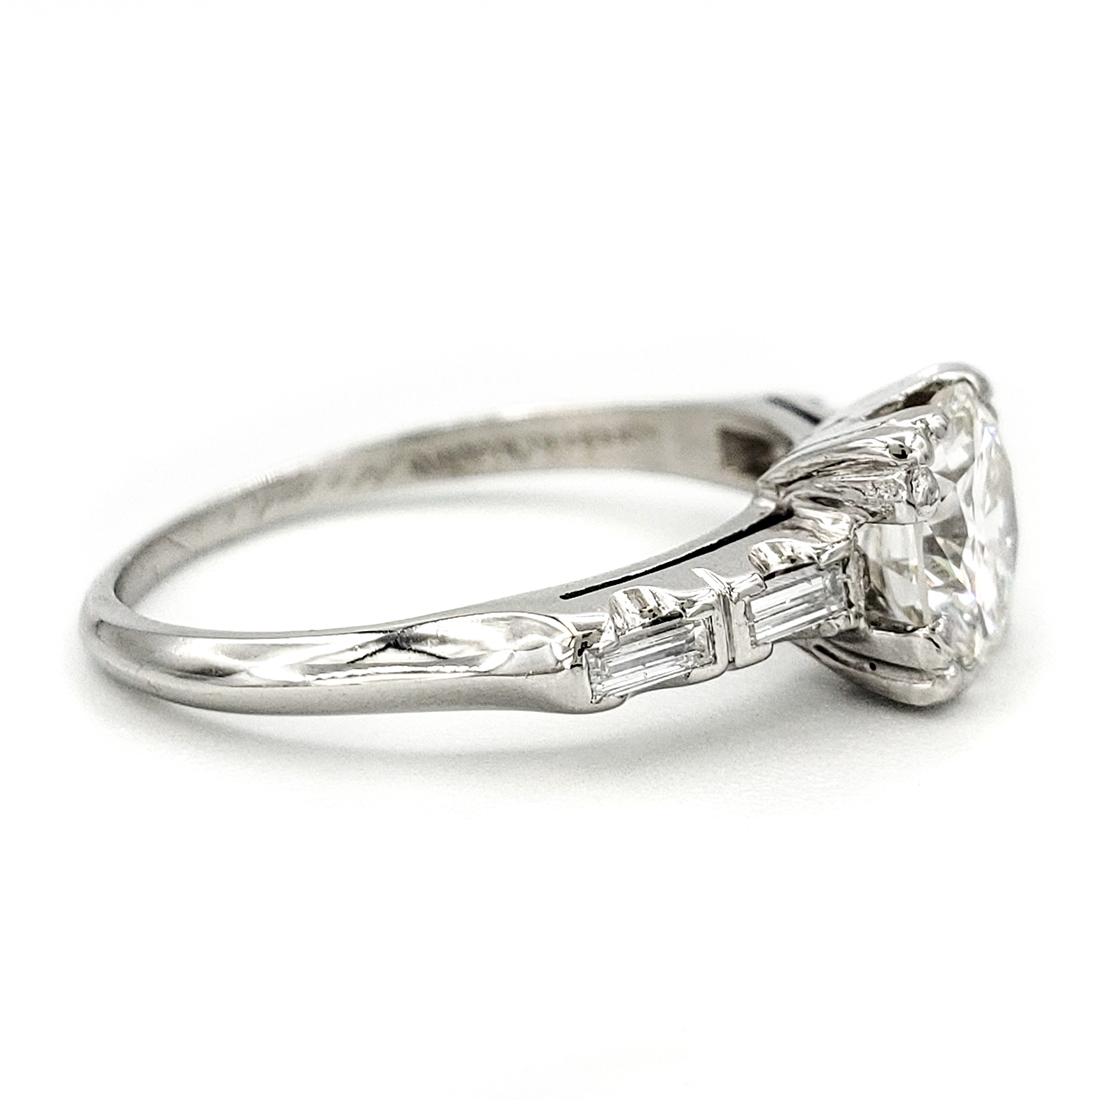 vintage-platinum-engagement-ring-with-1-00-carat-round-brilliant-cut-diamond-egl-h-vs1